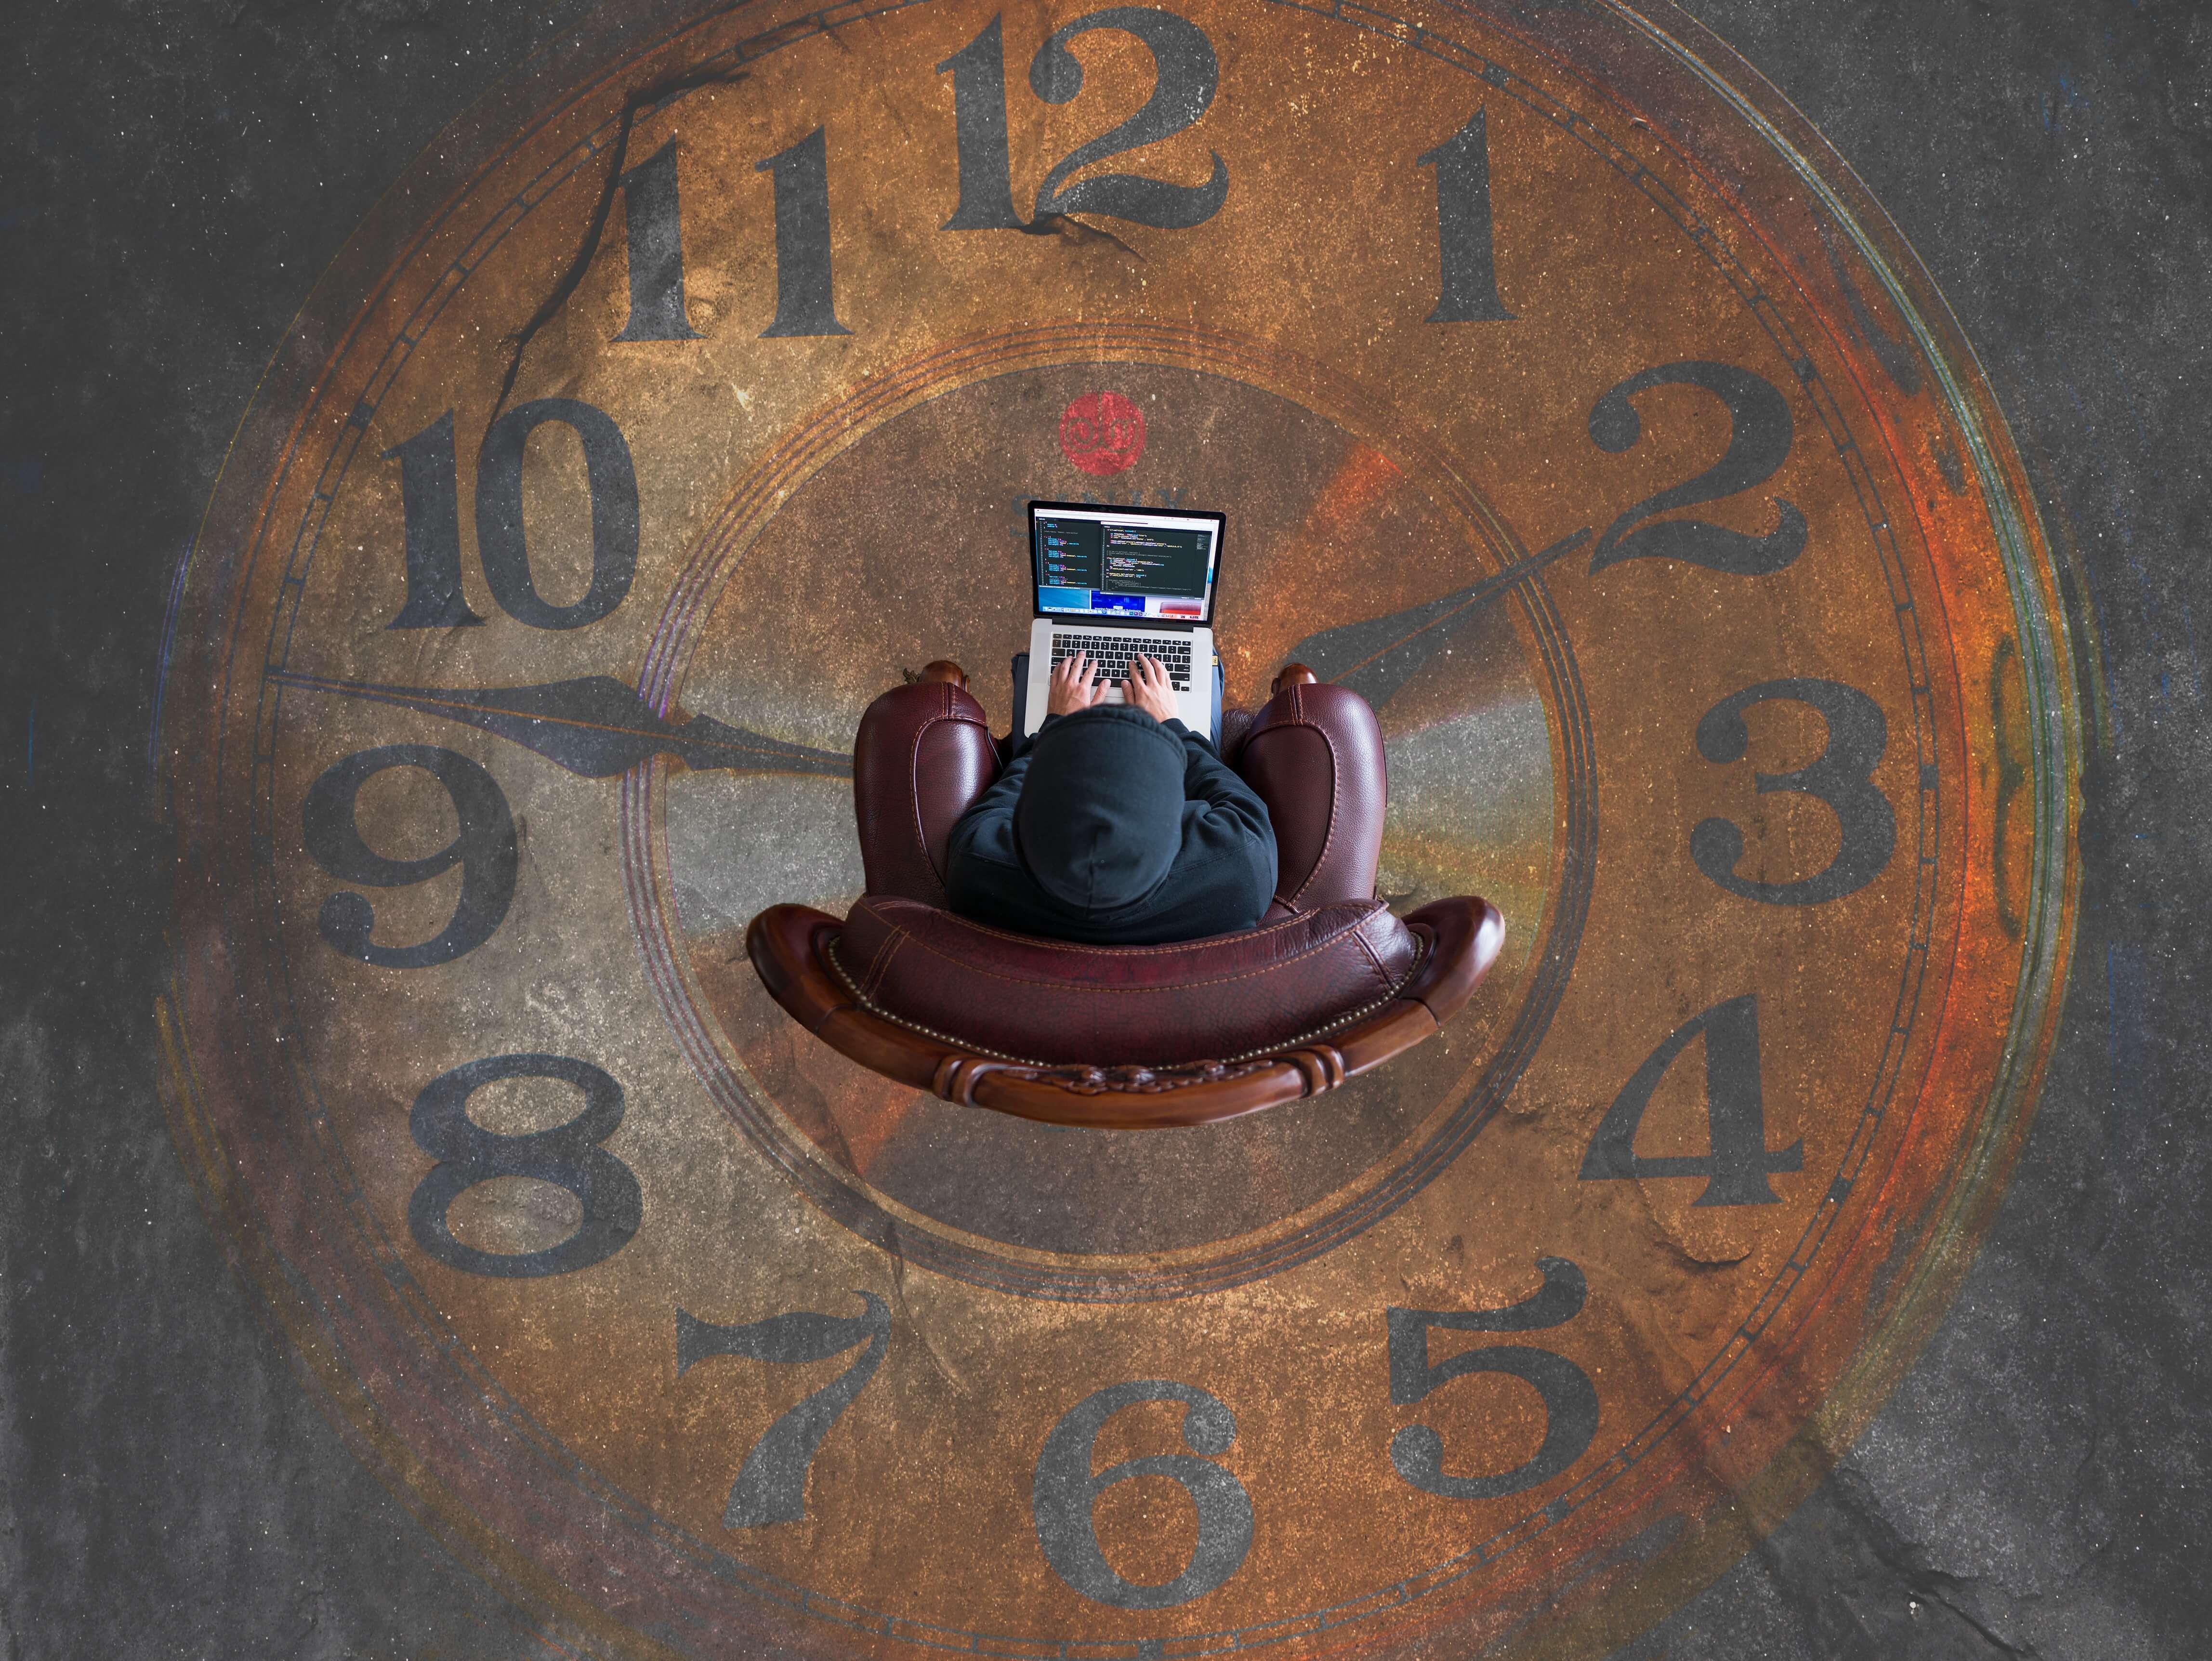 如何改善學術論文寫作進度:充裕的寫作時間是困擾還是轉機?